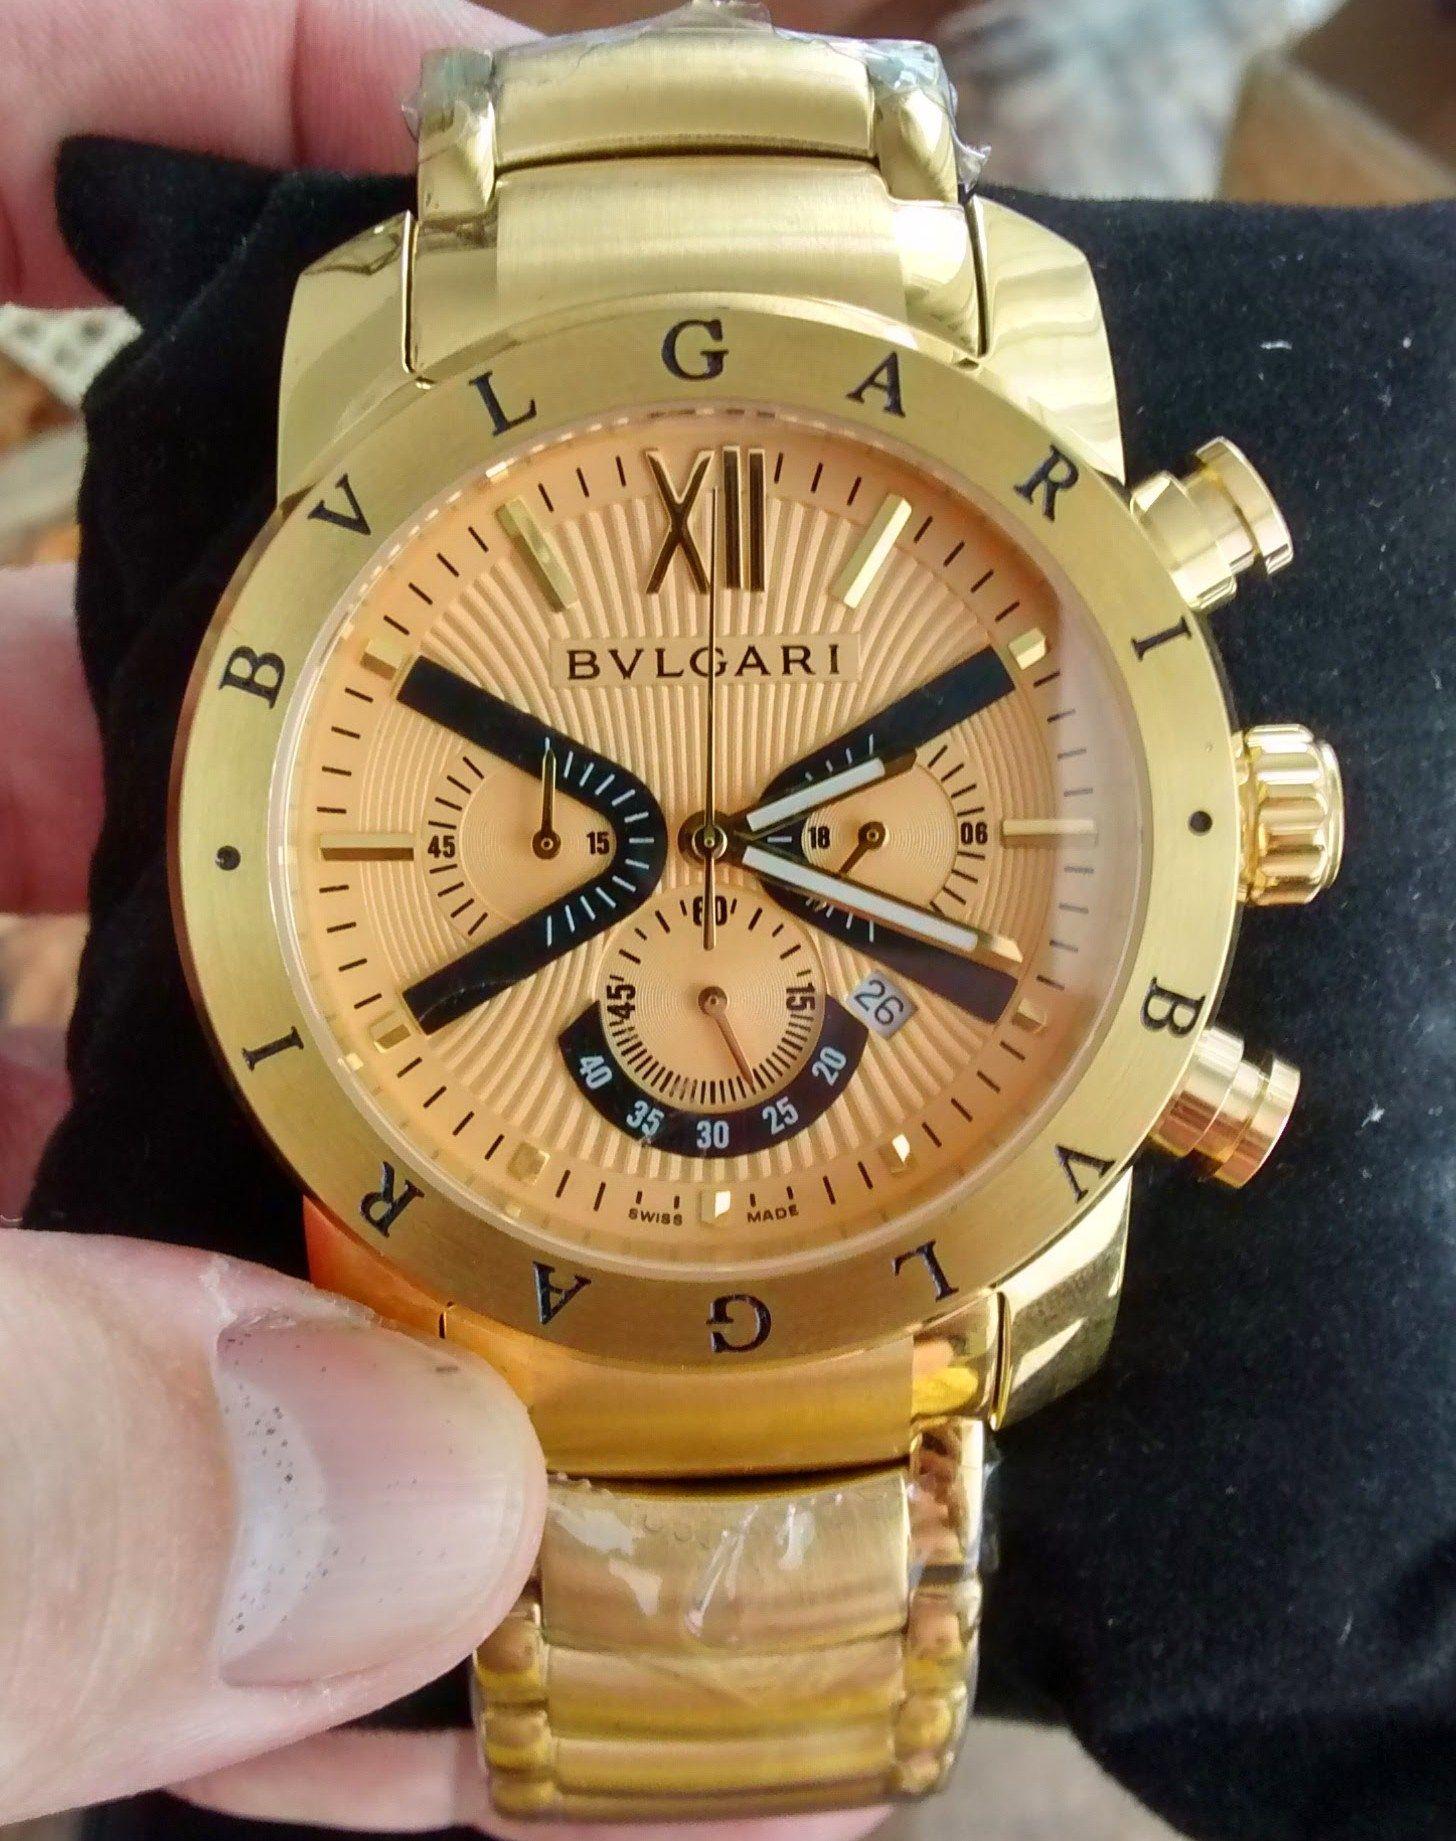 8fc4a3c8f65 Lindo Relógio Bvlgari Dourado Modelo Iron Man ( Homen de Ferro ) Acesse  www.w3shopimport.com e compre o seu.  bvlgari  bvlgari ironman  relogios ...